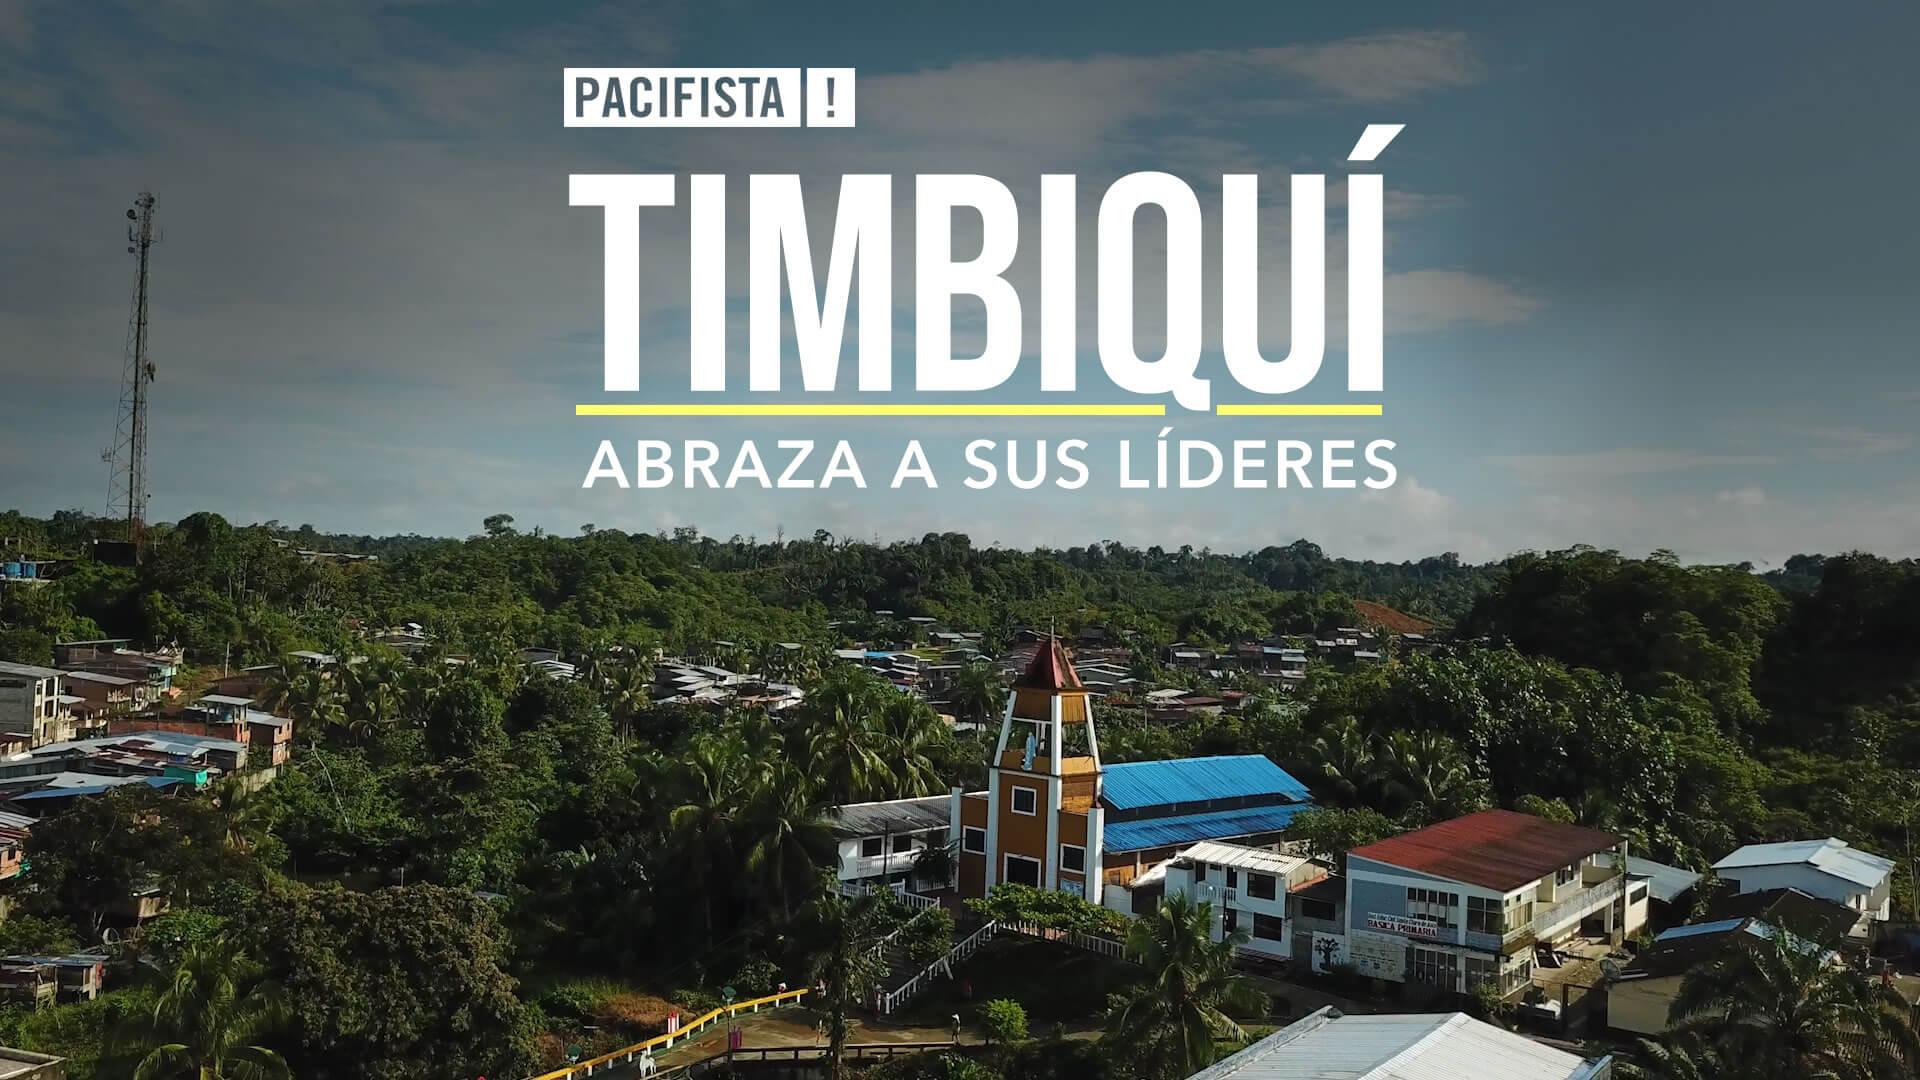 PACIFISTA! presenta: Timbiquí abraza a sus líderes